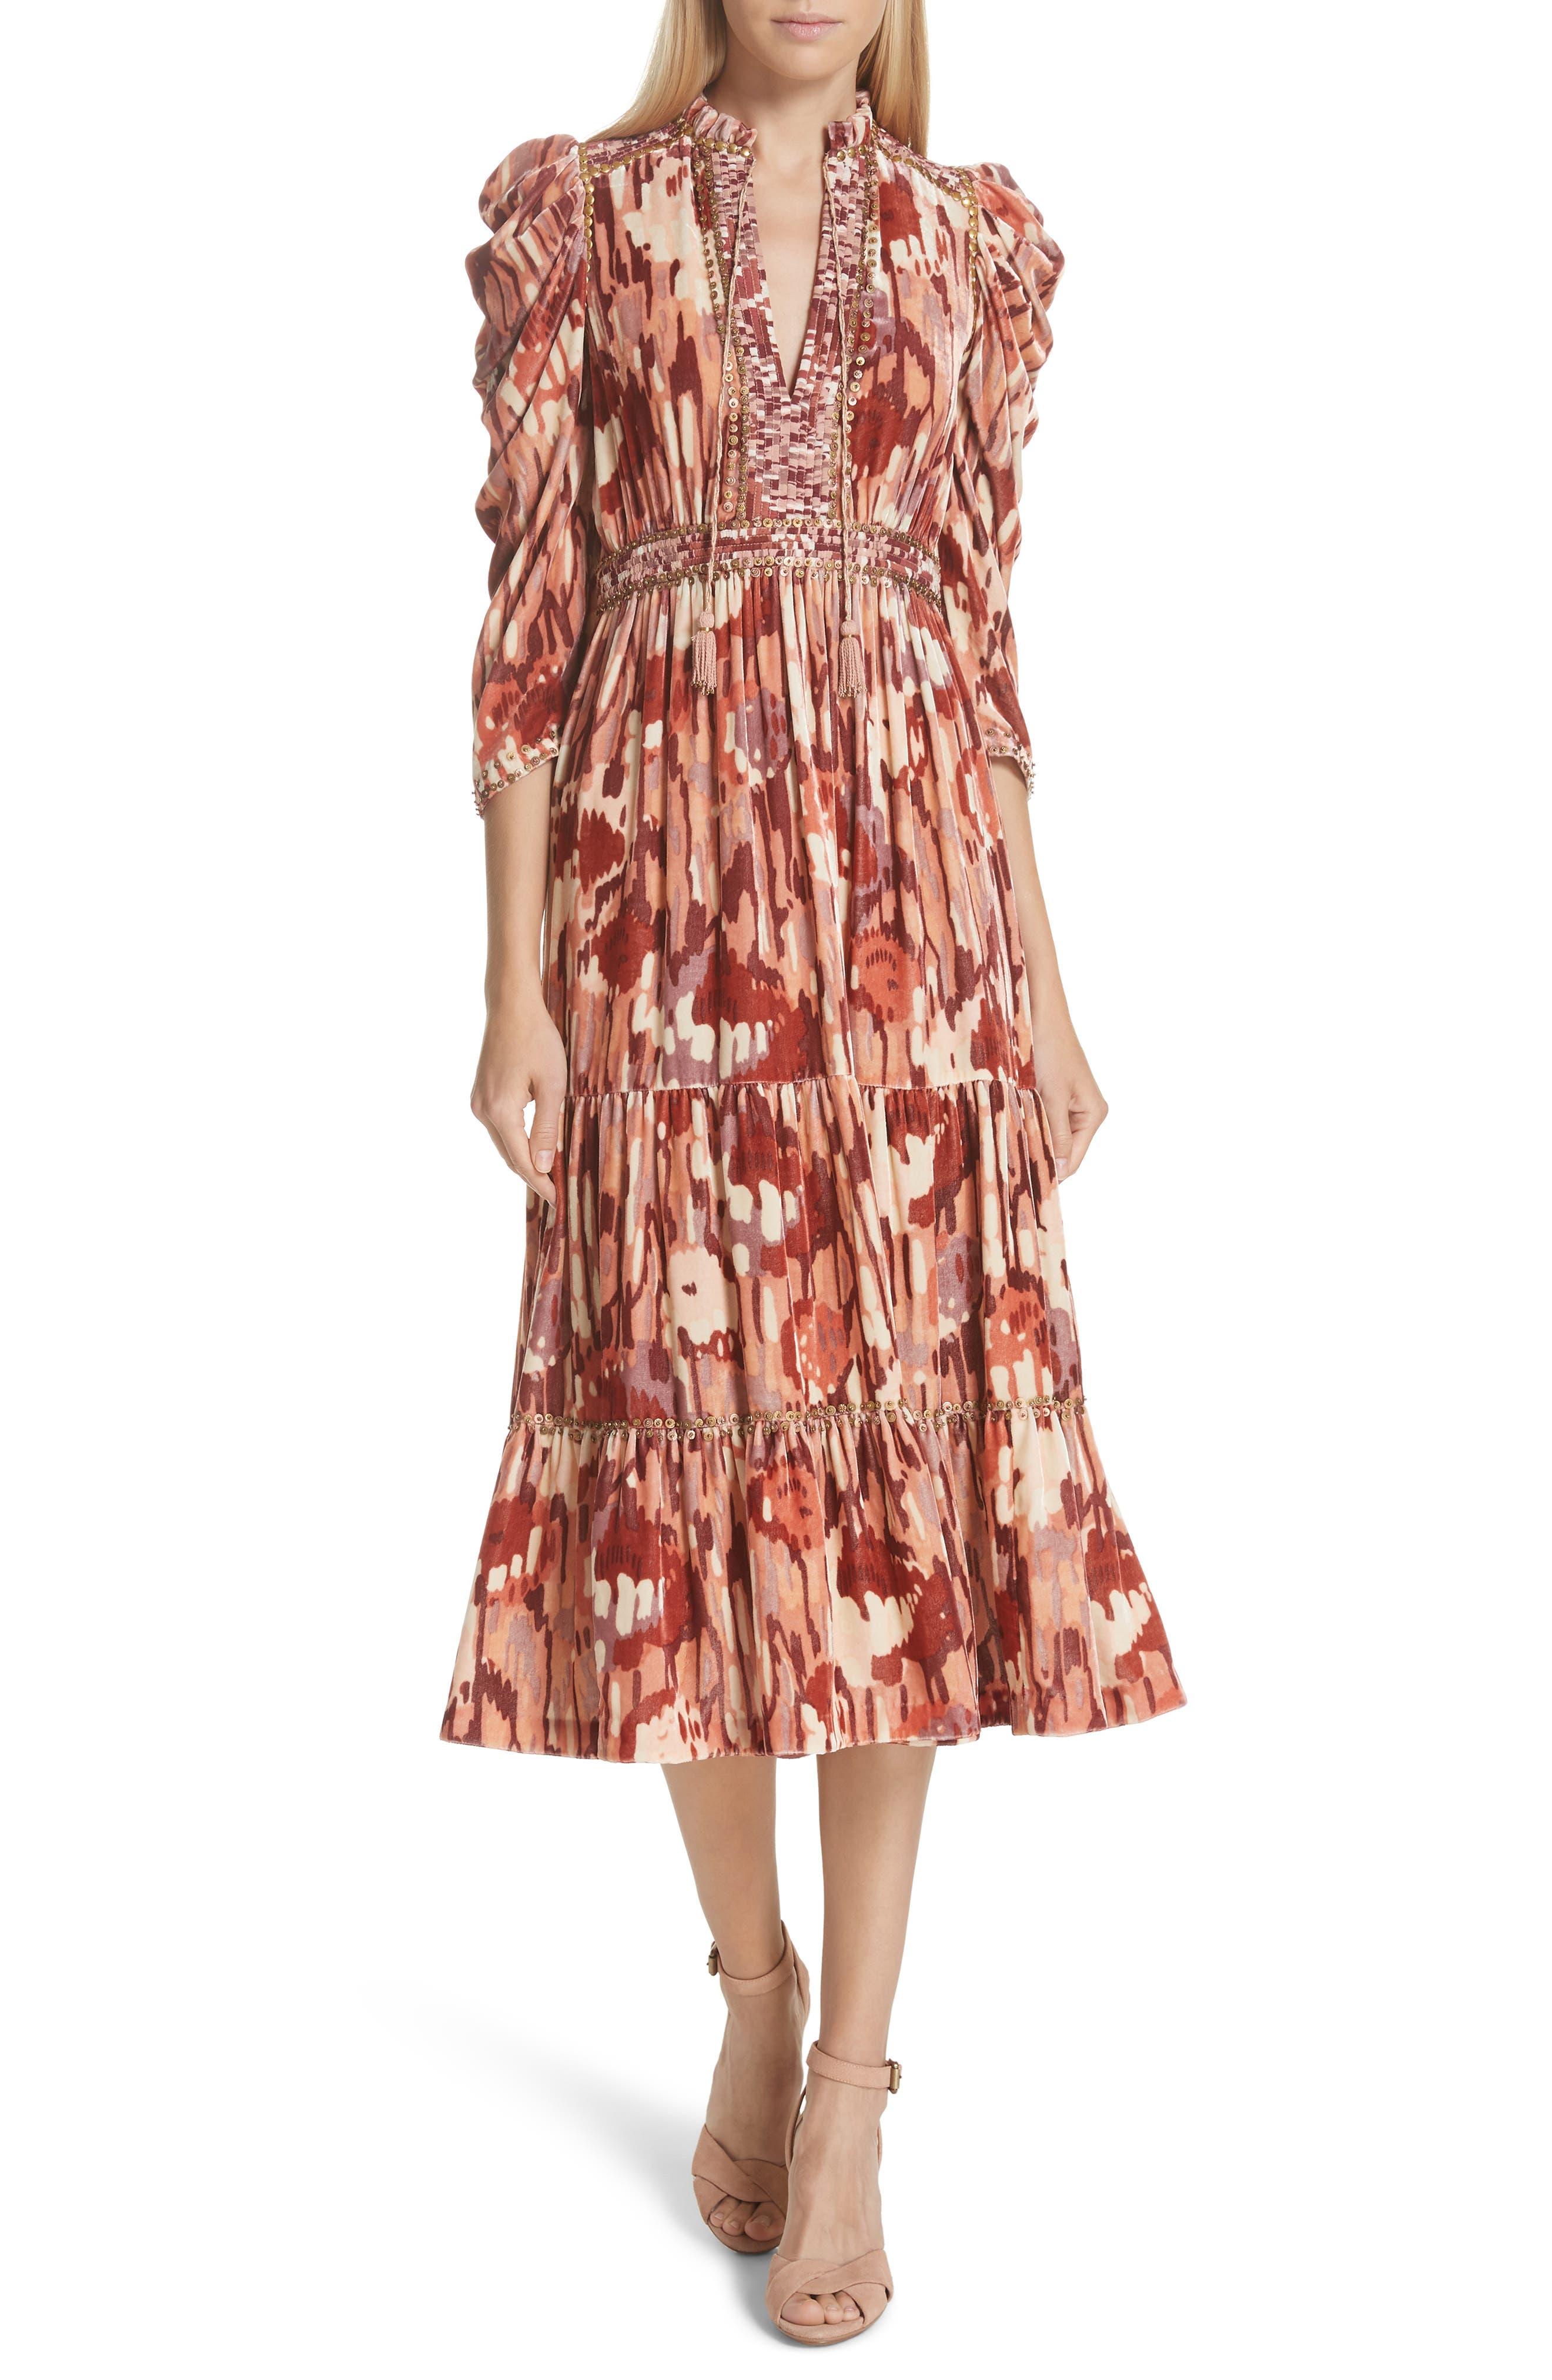 Johnson Women's Women's Nordstrom Ulla Johnson Dresses Dresses Ulla Nordstrom nqS4nfTY